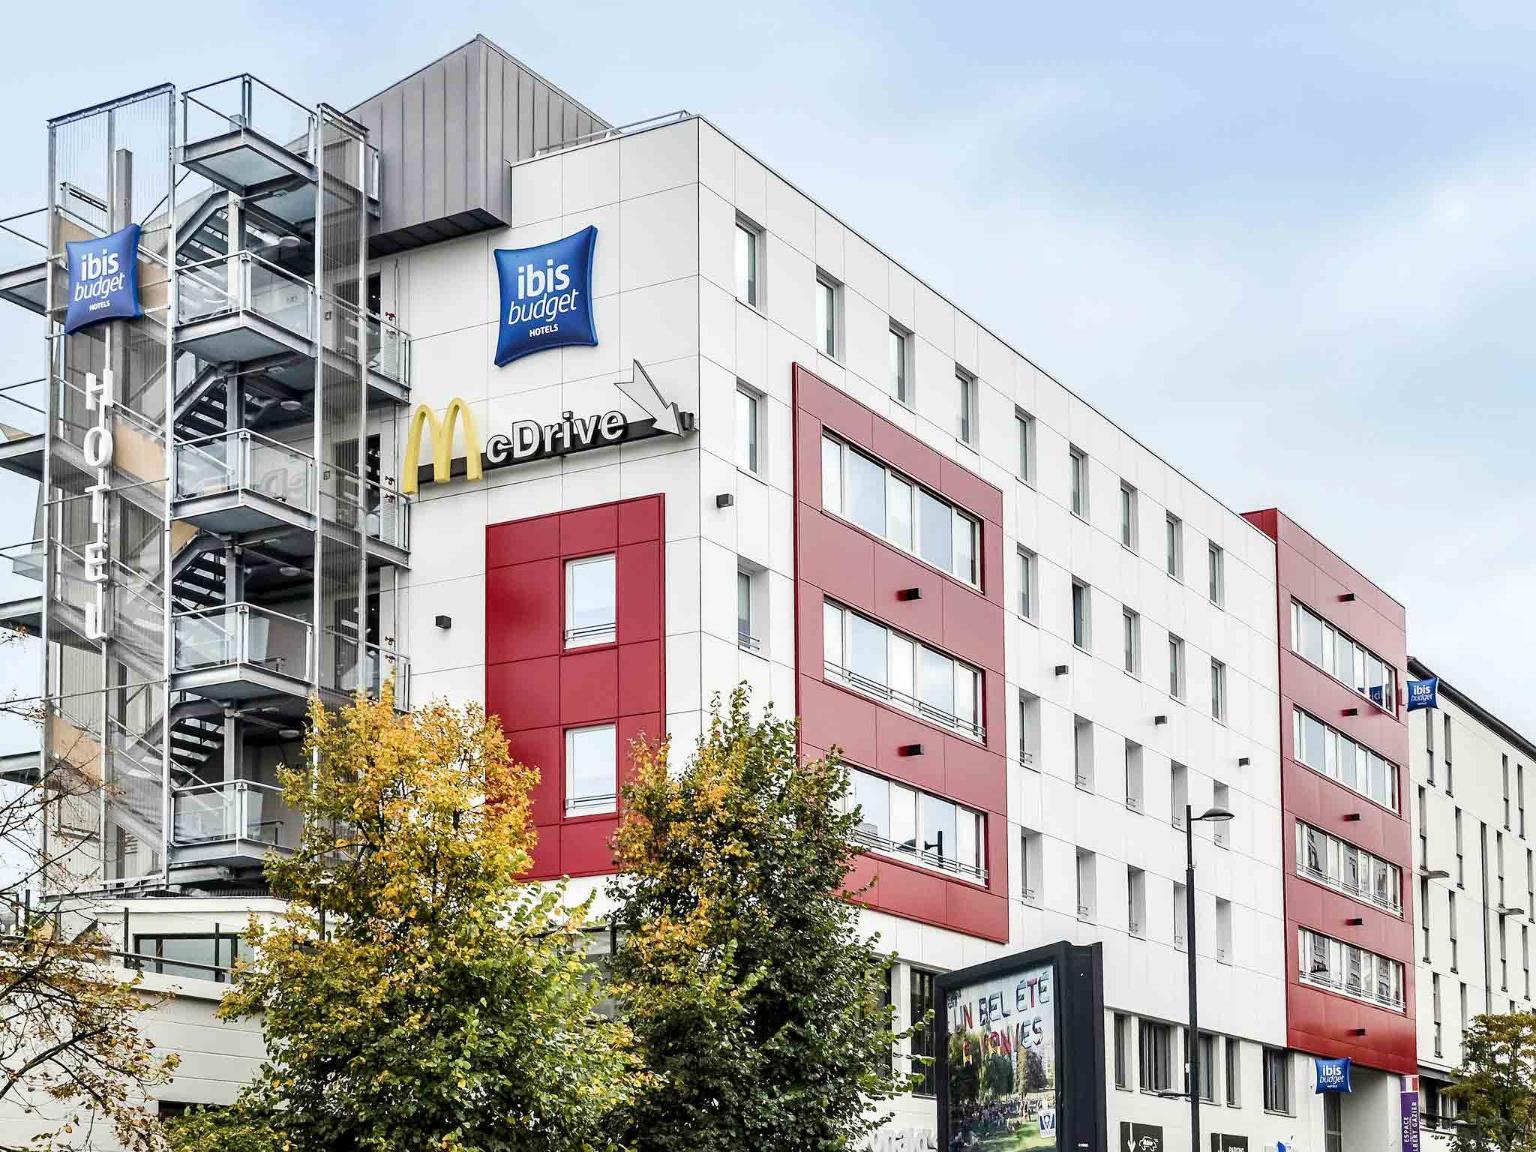 Ibis budget paris porte de vanves h tel 110 rue jean bleuzen 92170 vanves adresse horaire - Conforama porte de vanves ...